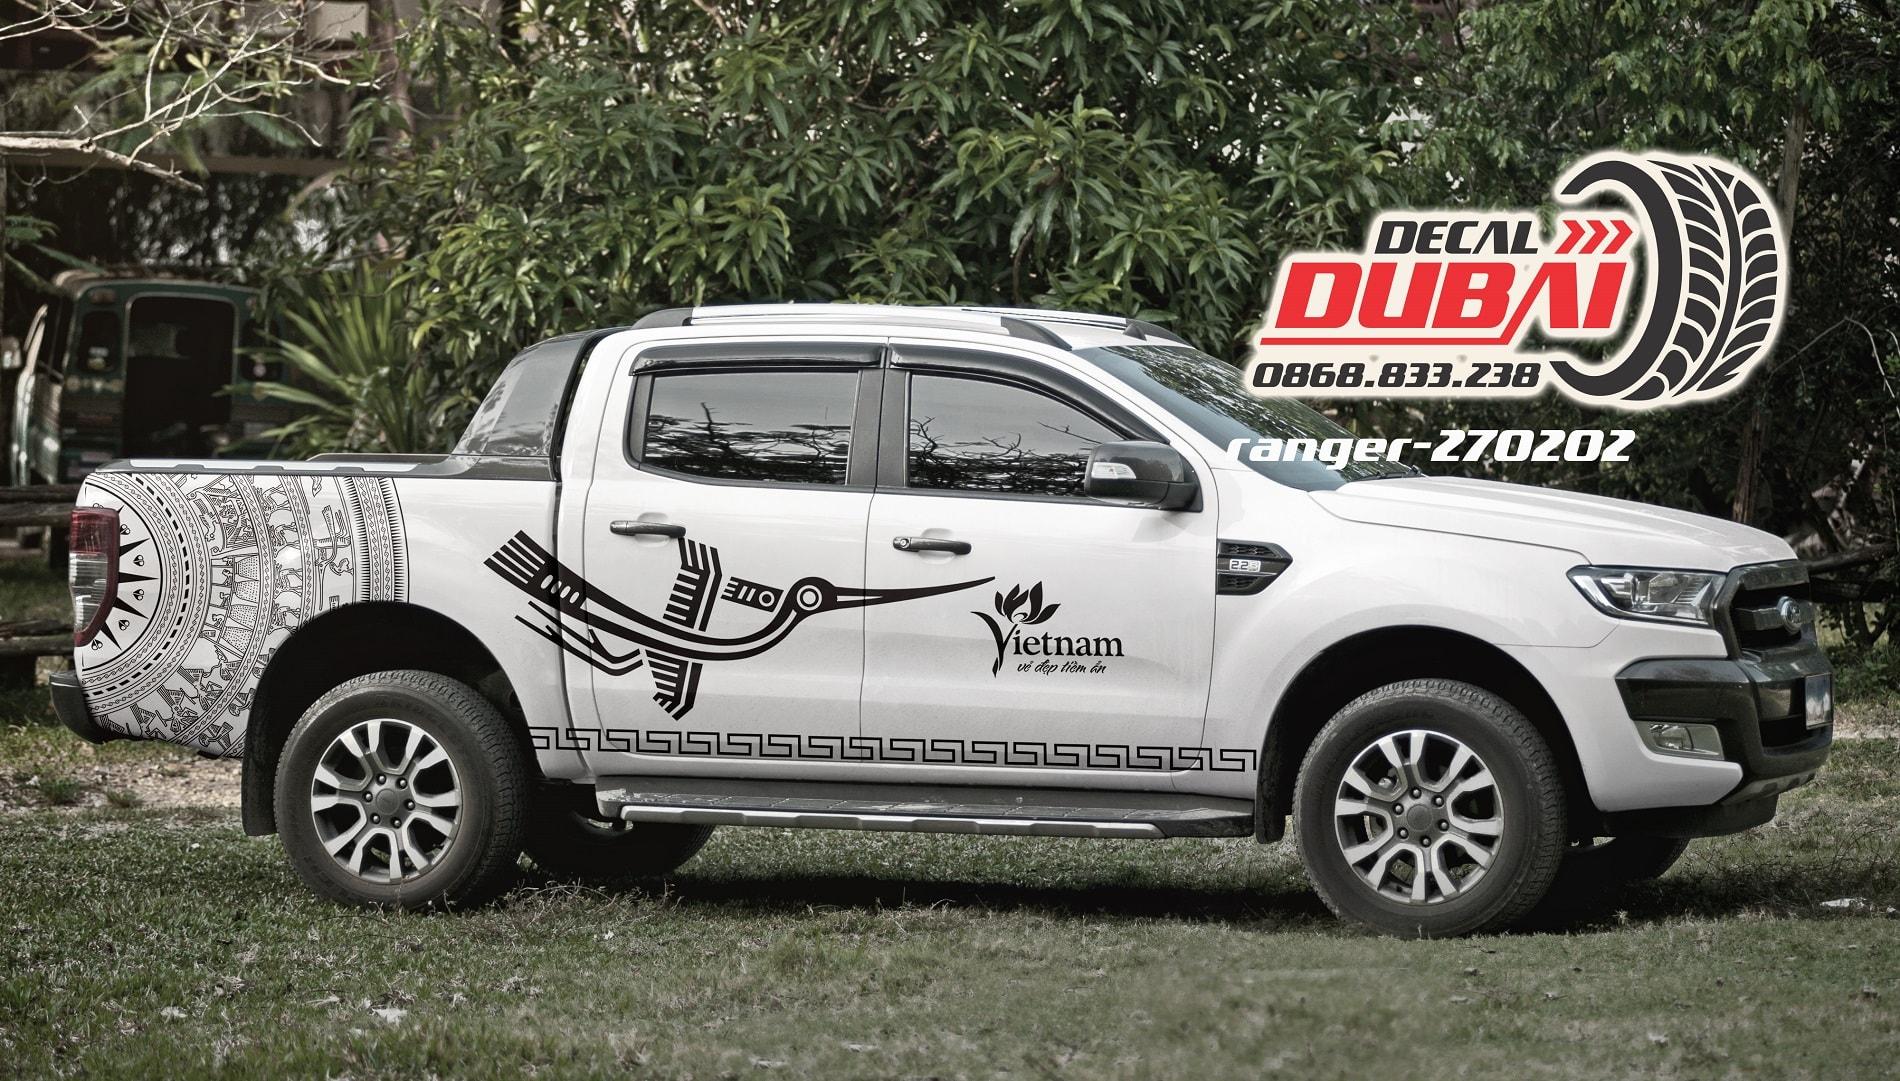 Tem-xe-ranger-270202-1450k-min